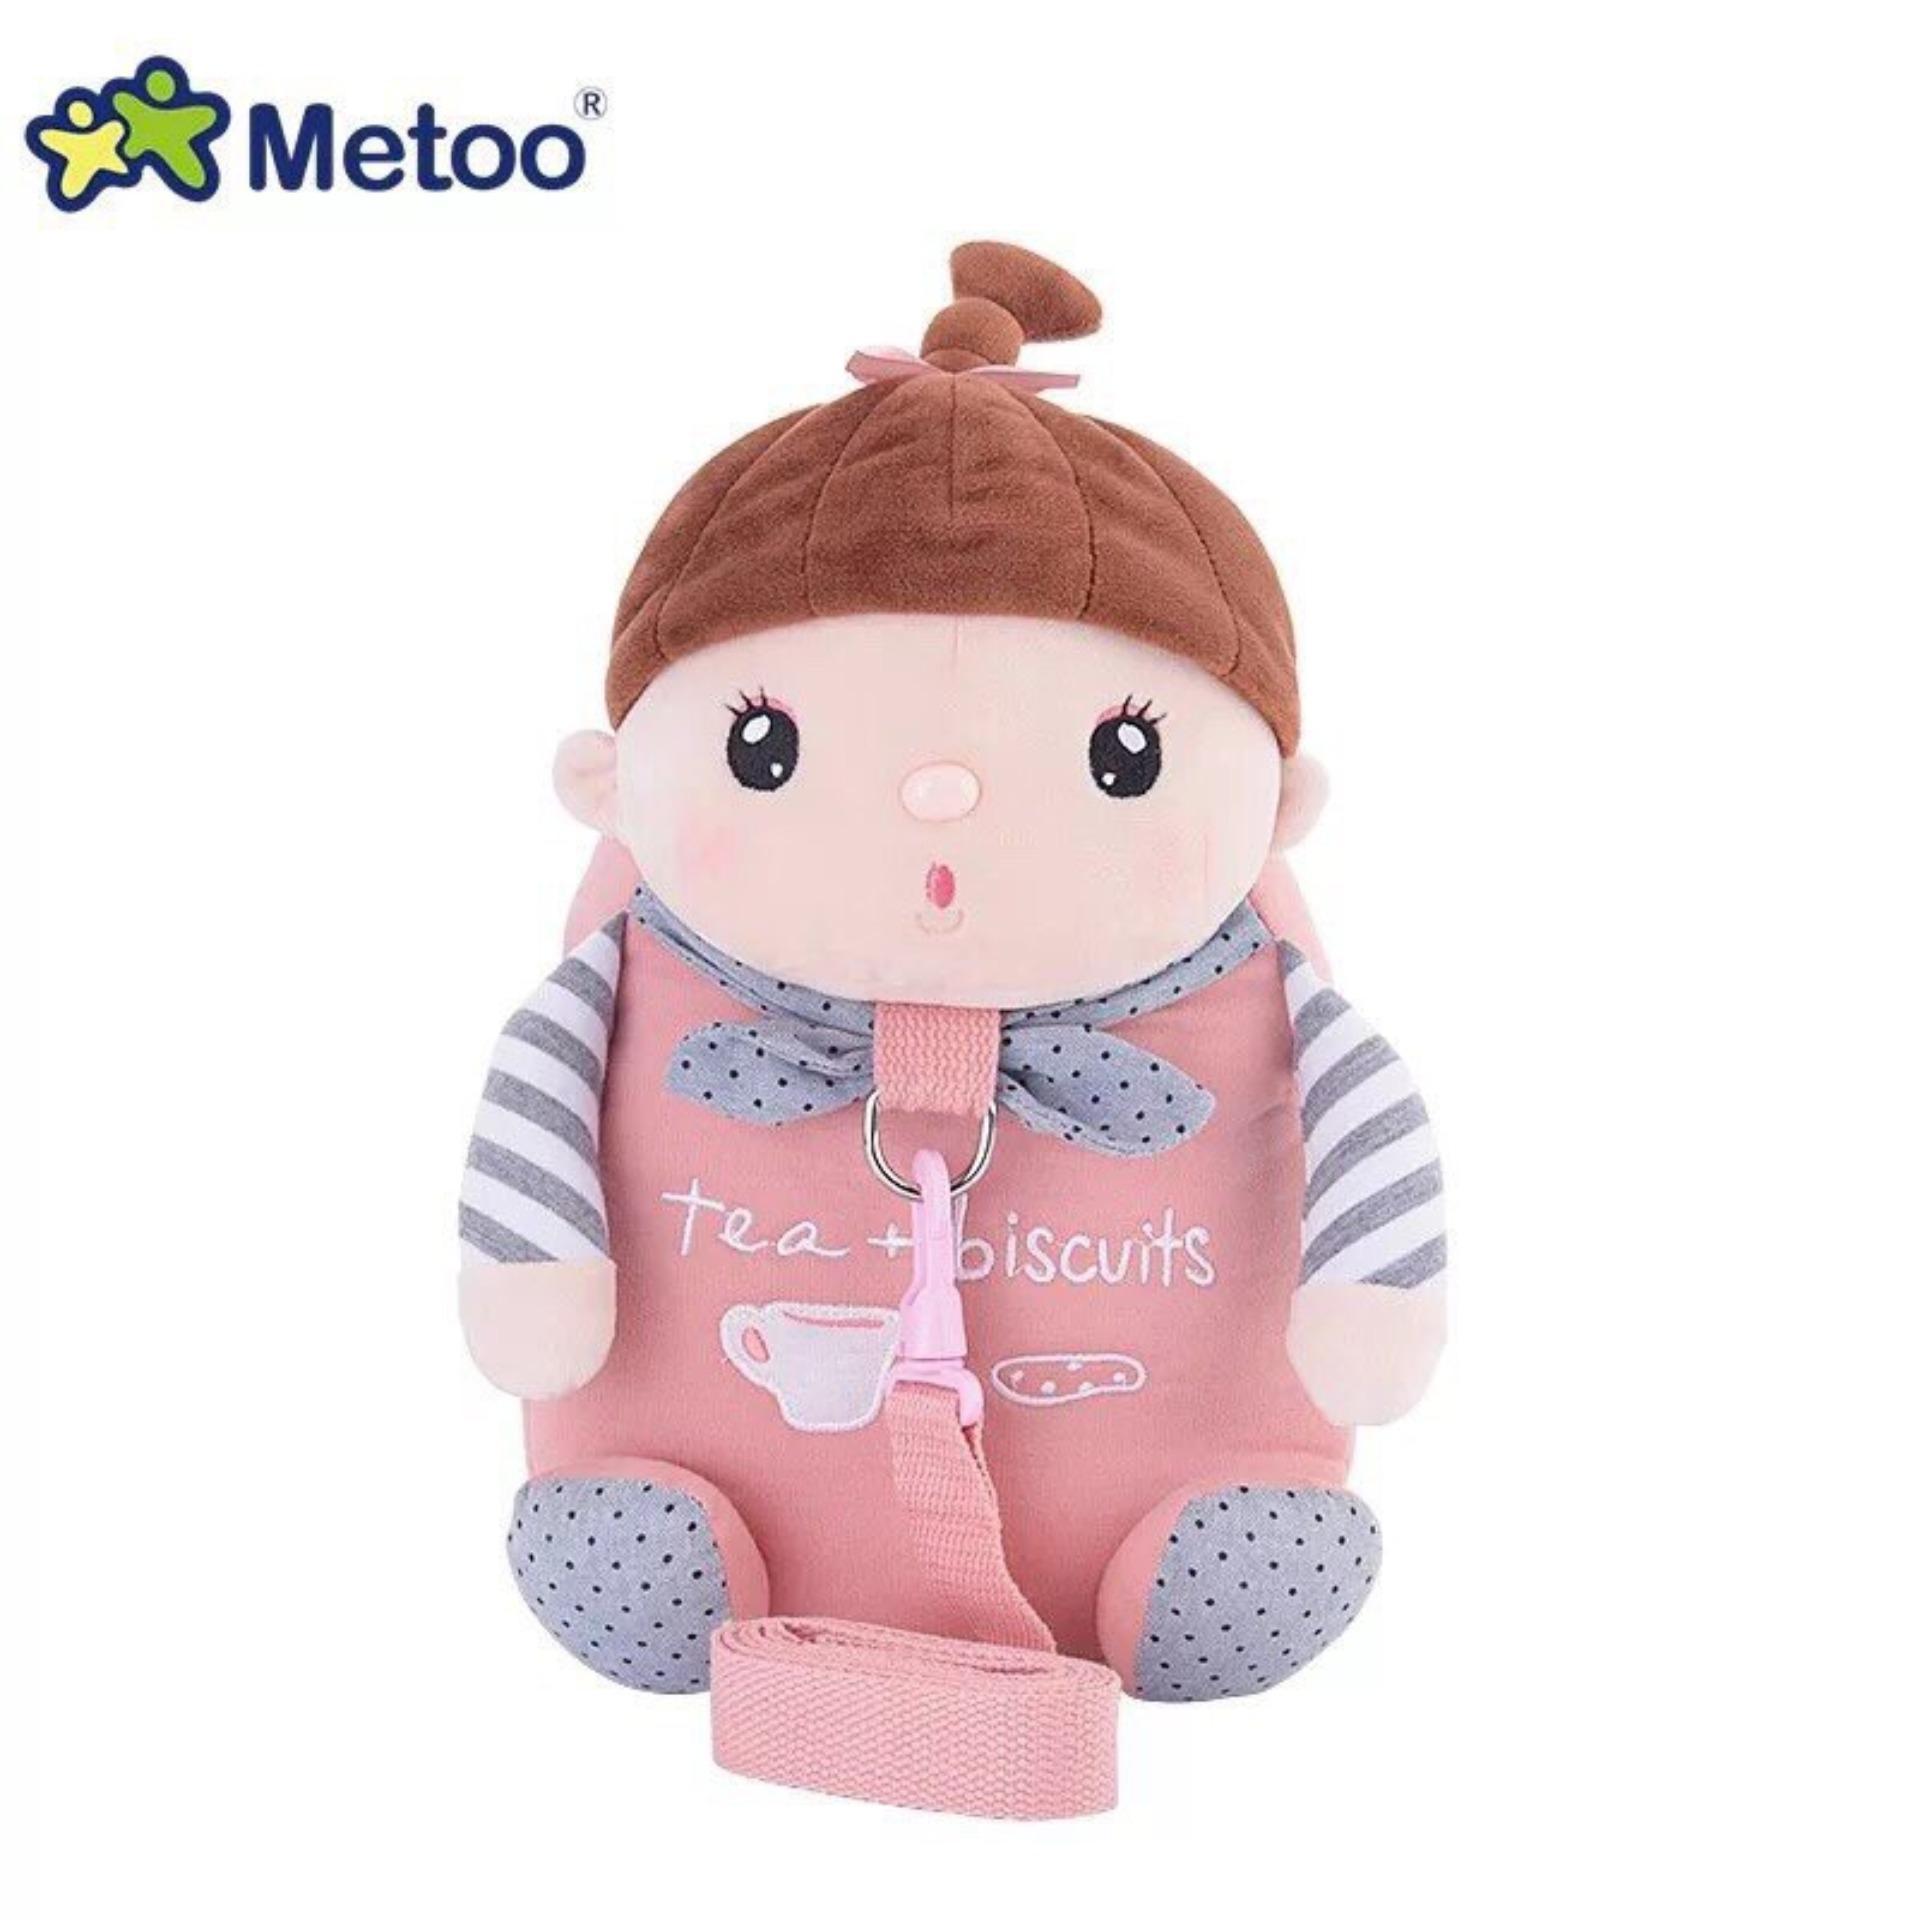 Balo dắt bé Metoo siêu xinh cho bé trai/bé gái